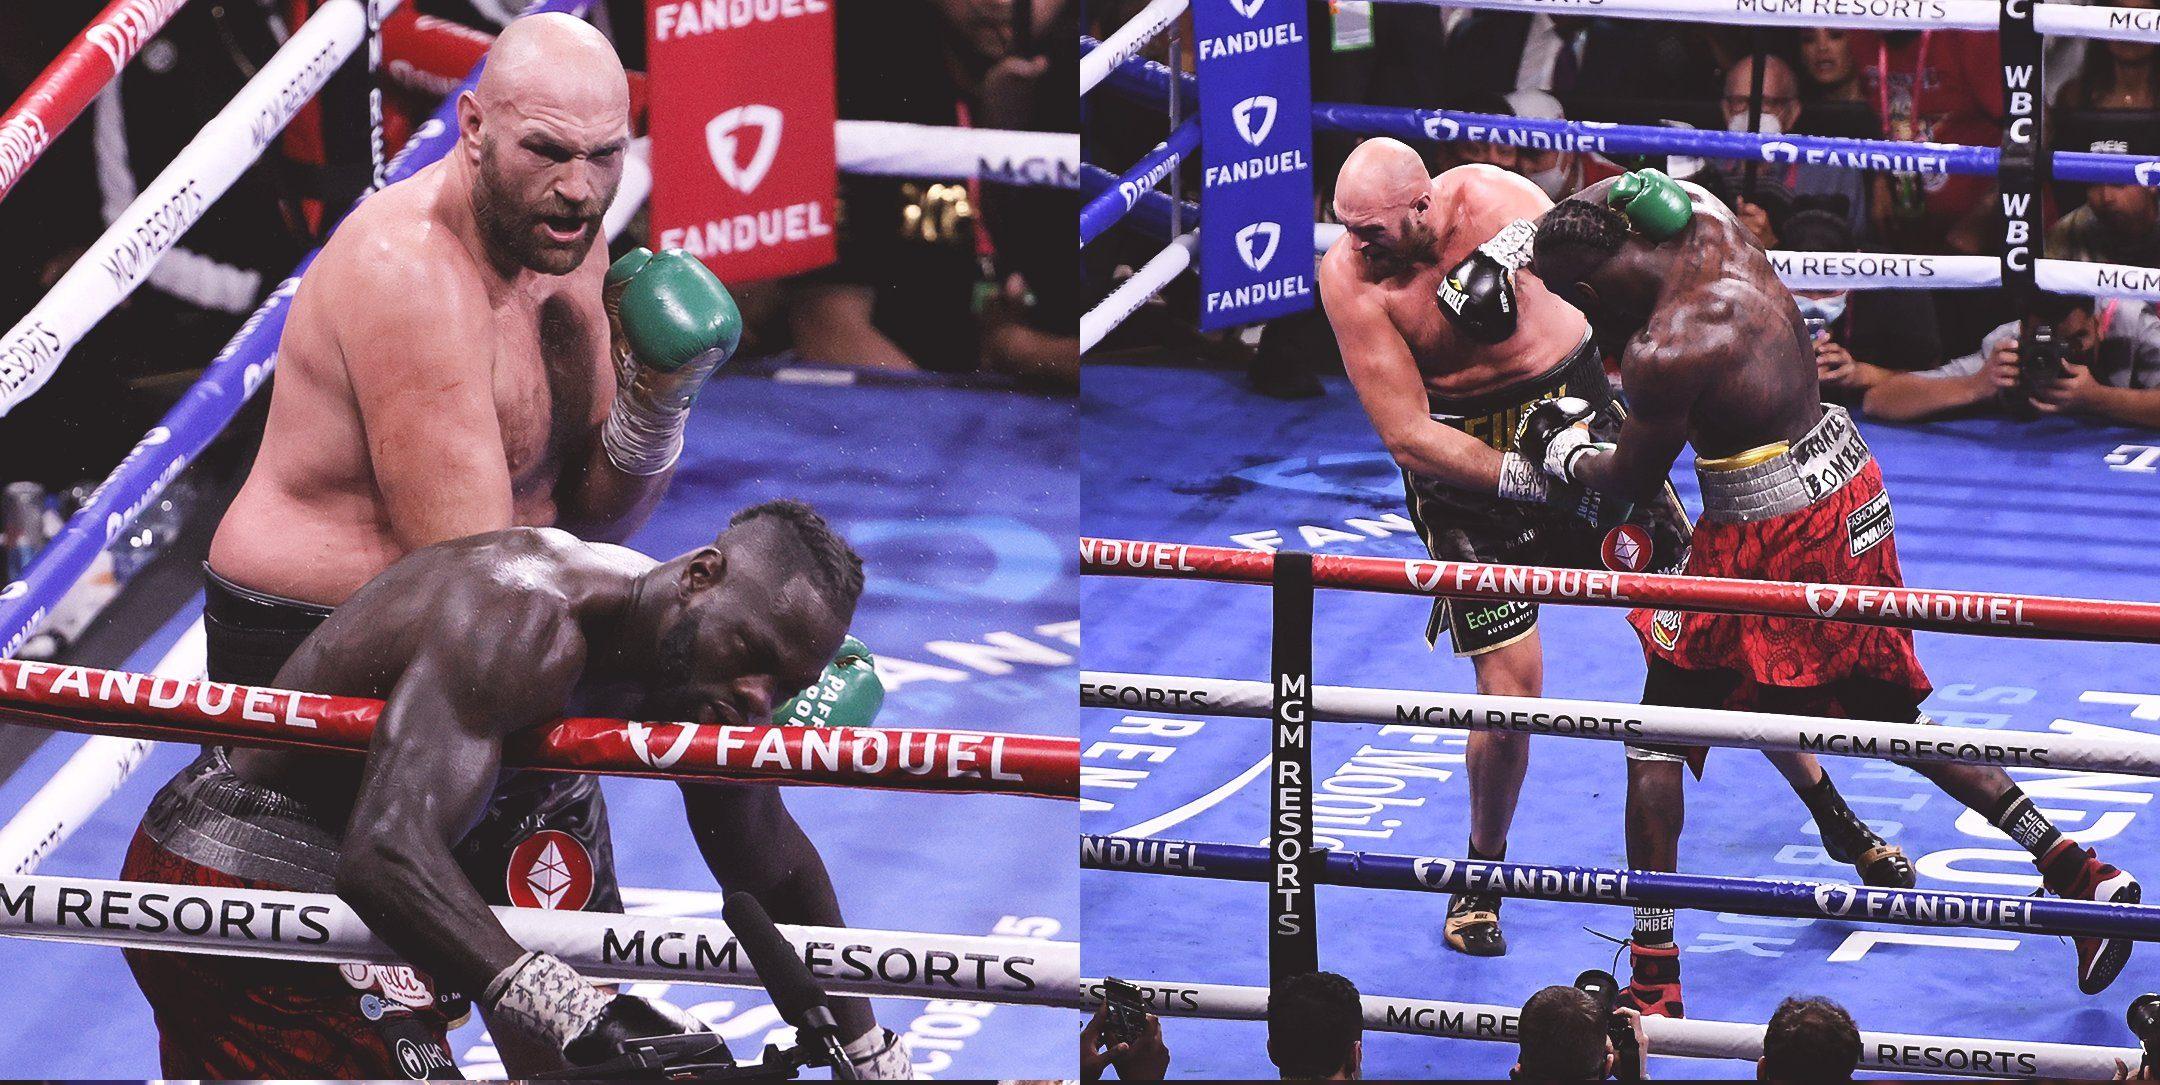 Фюри преби Уайлдър и запя след епохална битка с пет нокдауна!